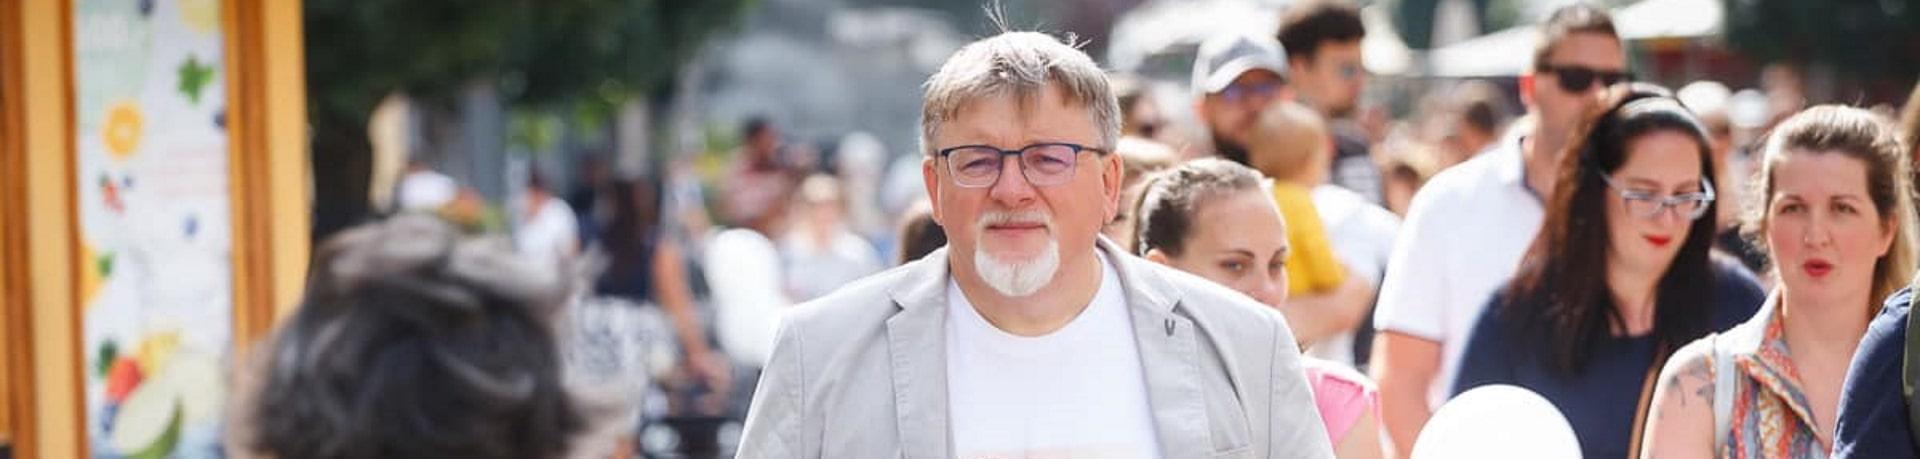 Dr. Dézsi Csaba András Győr polgármestere